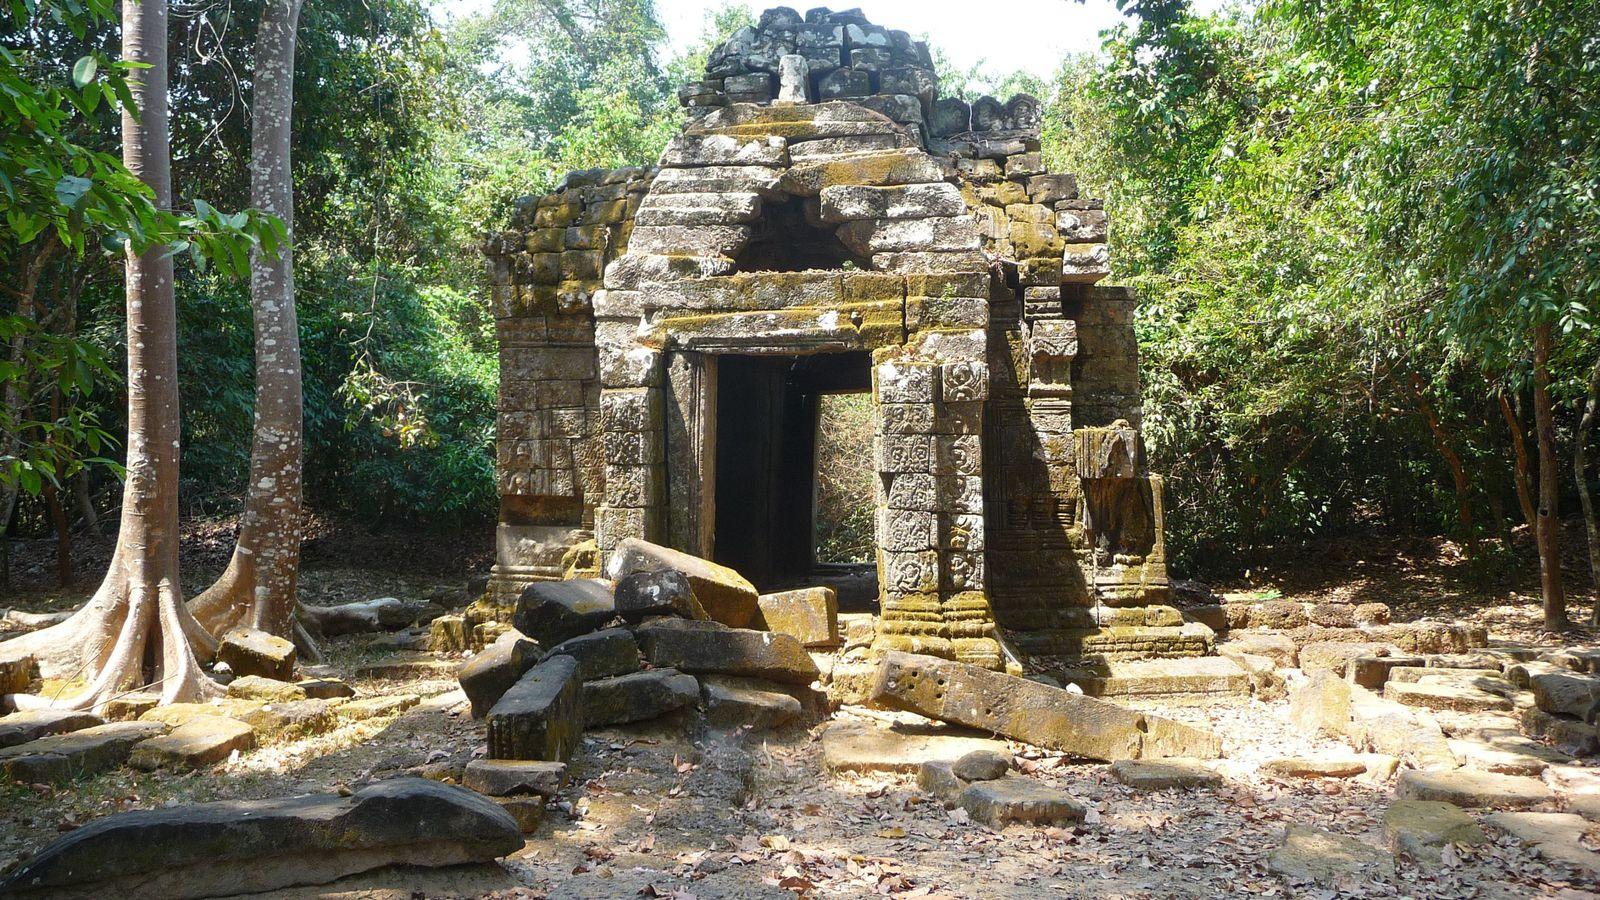 Après s'être un peu perdu dans la jungle, on arrive au Ta Nei, le petit temple isolé qu'on cherchait.